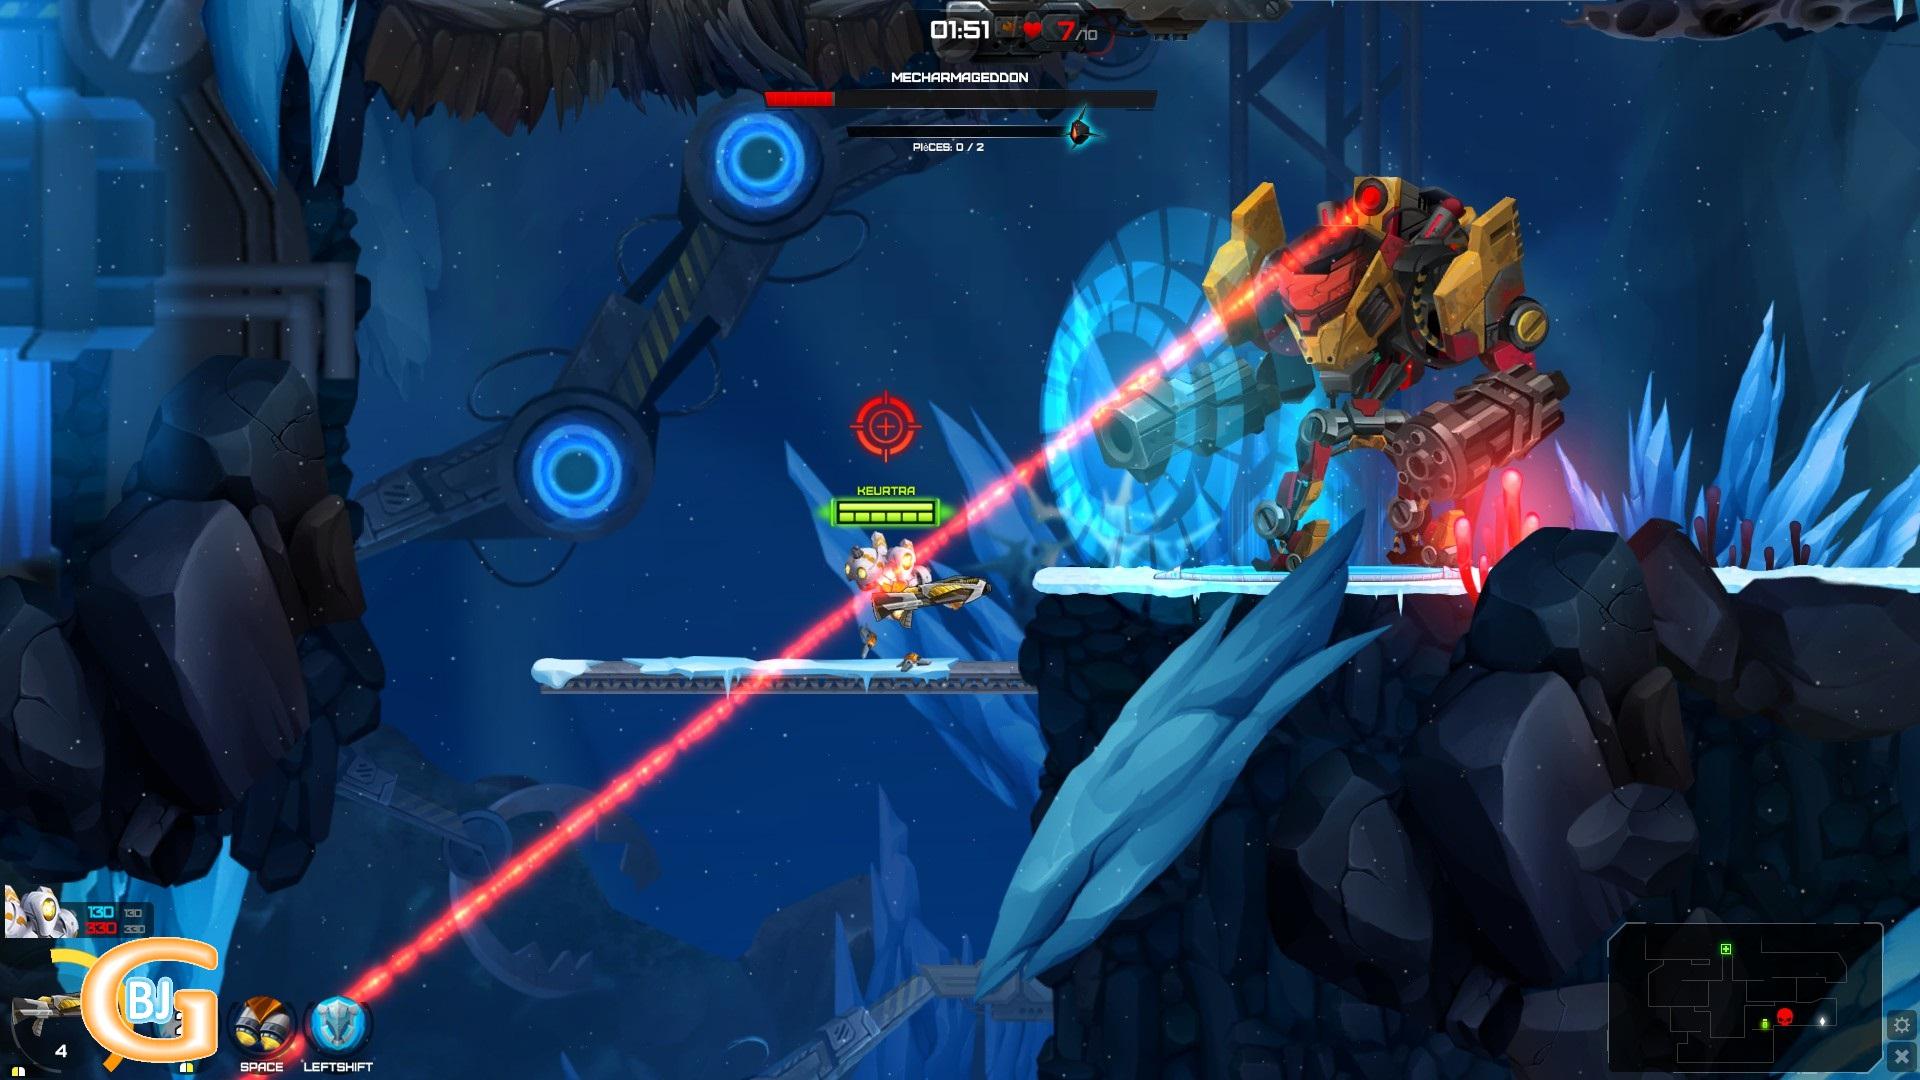 Jeu D'action 2D Pc Gratuit : Onraid - Bjg - Bons Jeux Pc avec Petit Jeux Pc Gratuit Telecharger